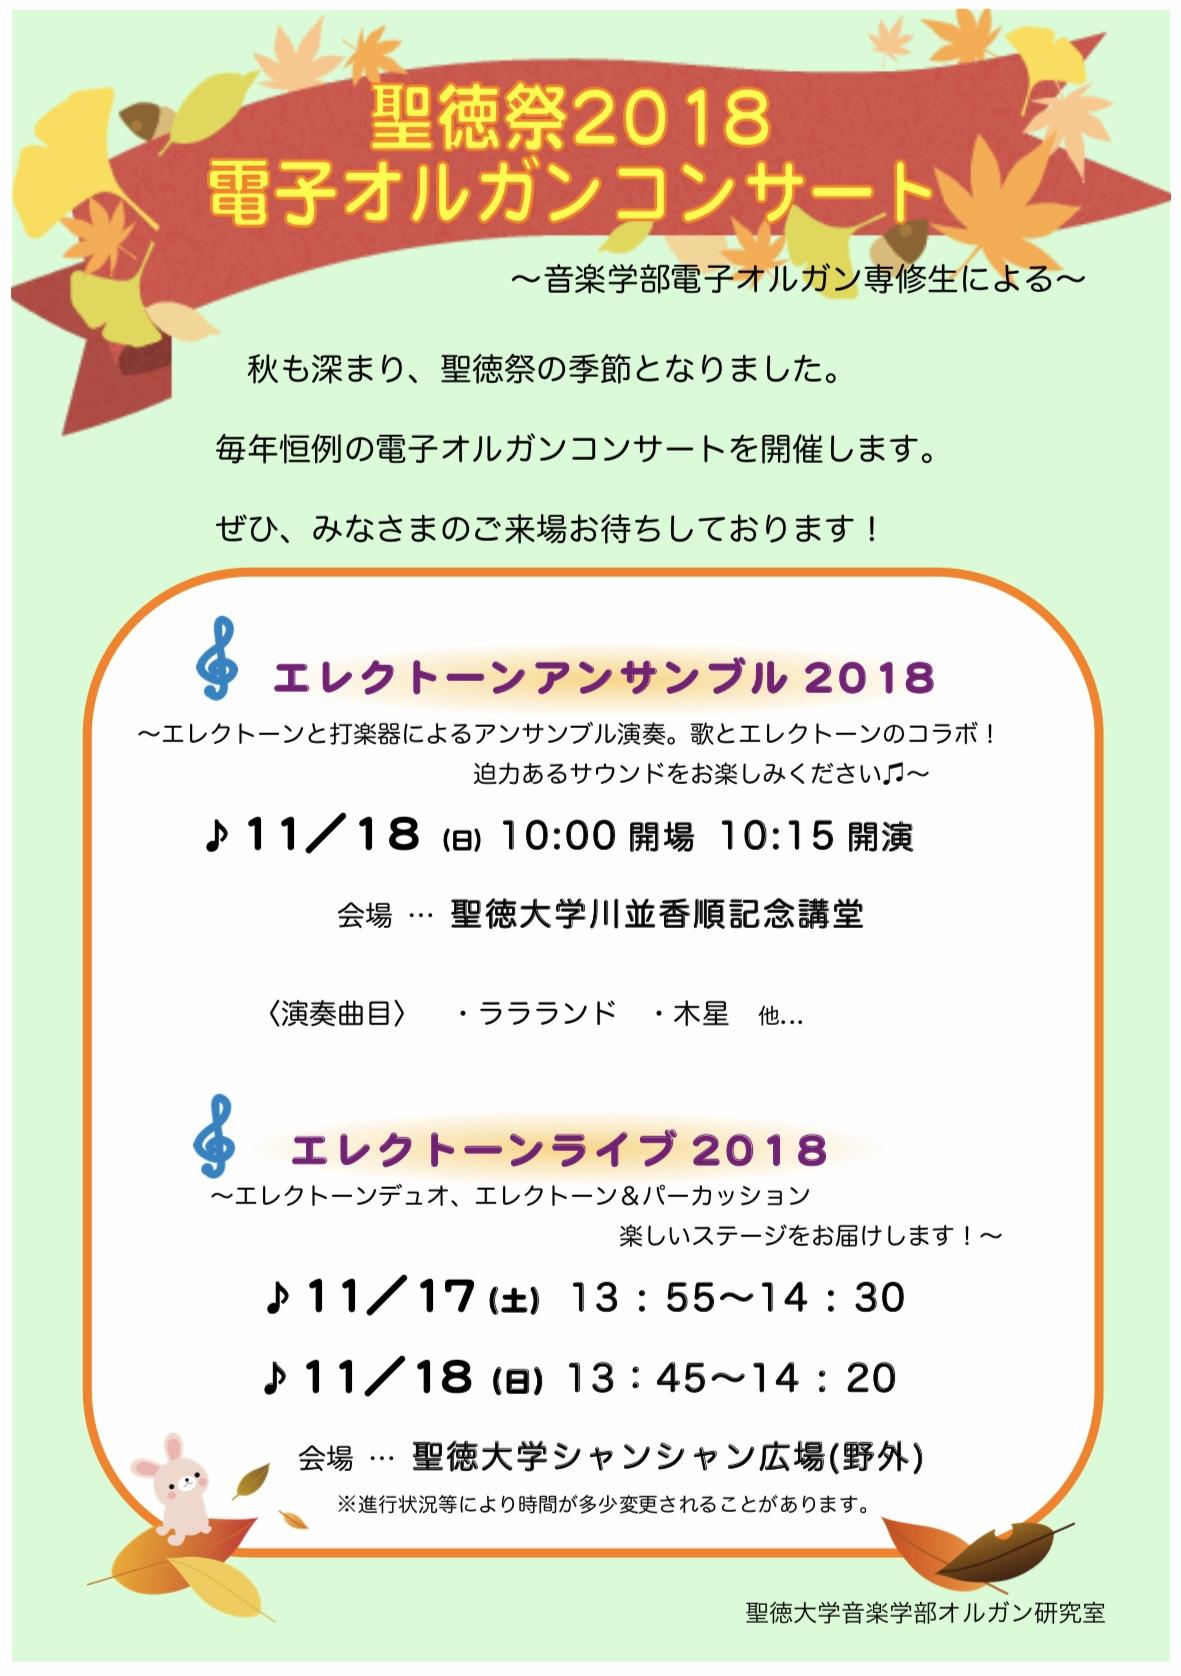 11/17, 18 は聖徳祭♪(コース企画紹介)~入学相談会も開催~